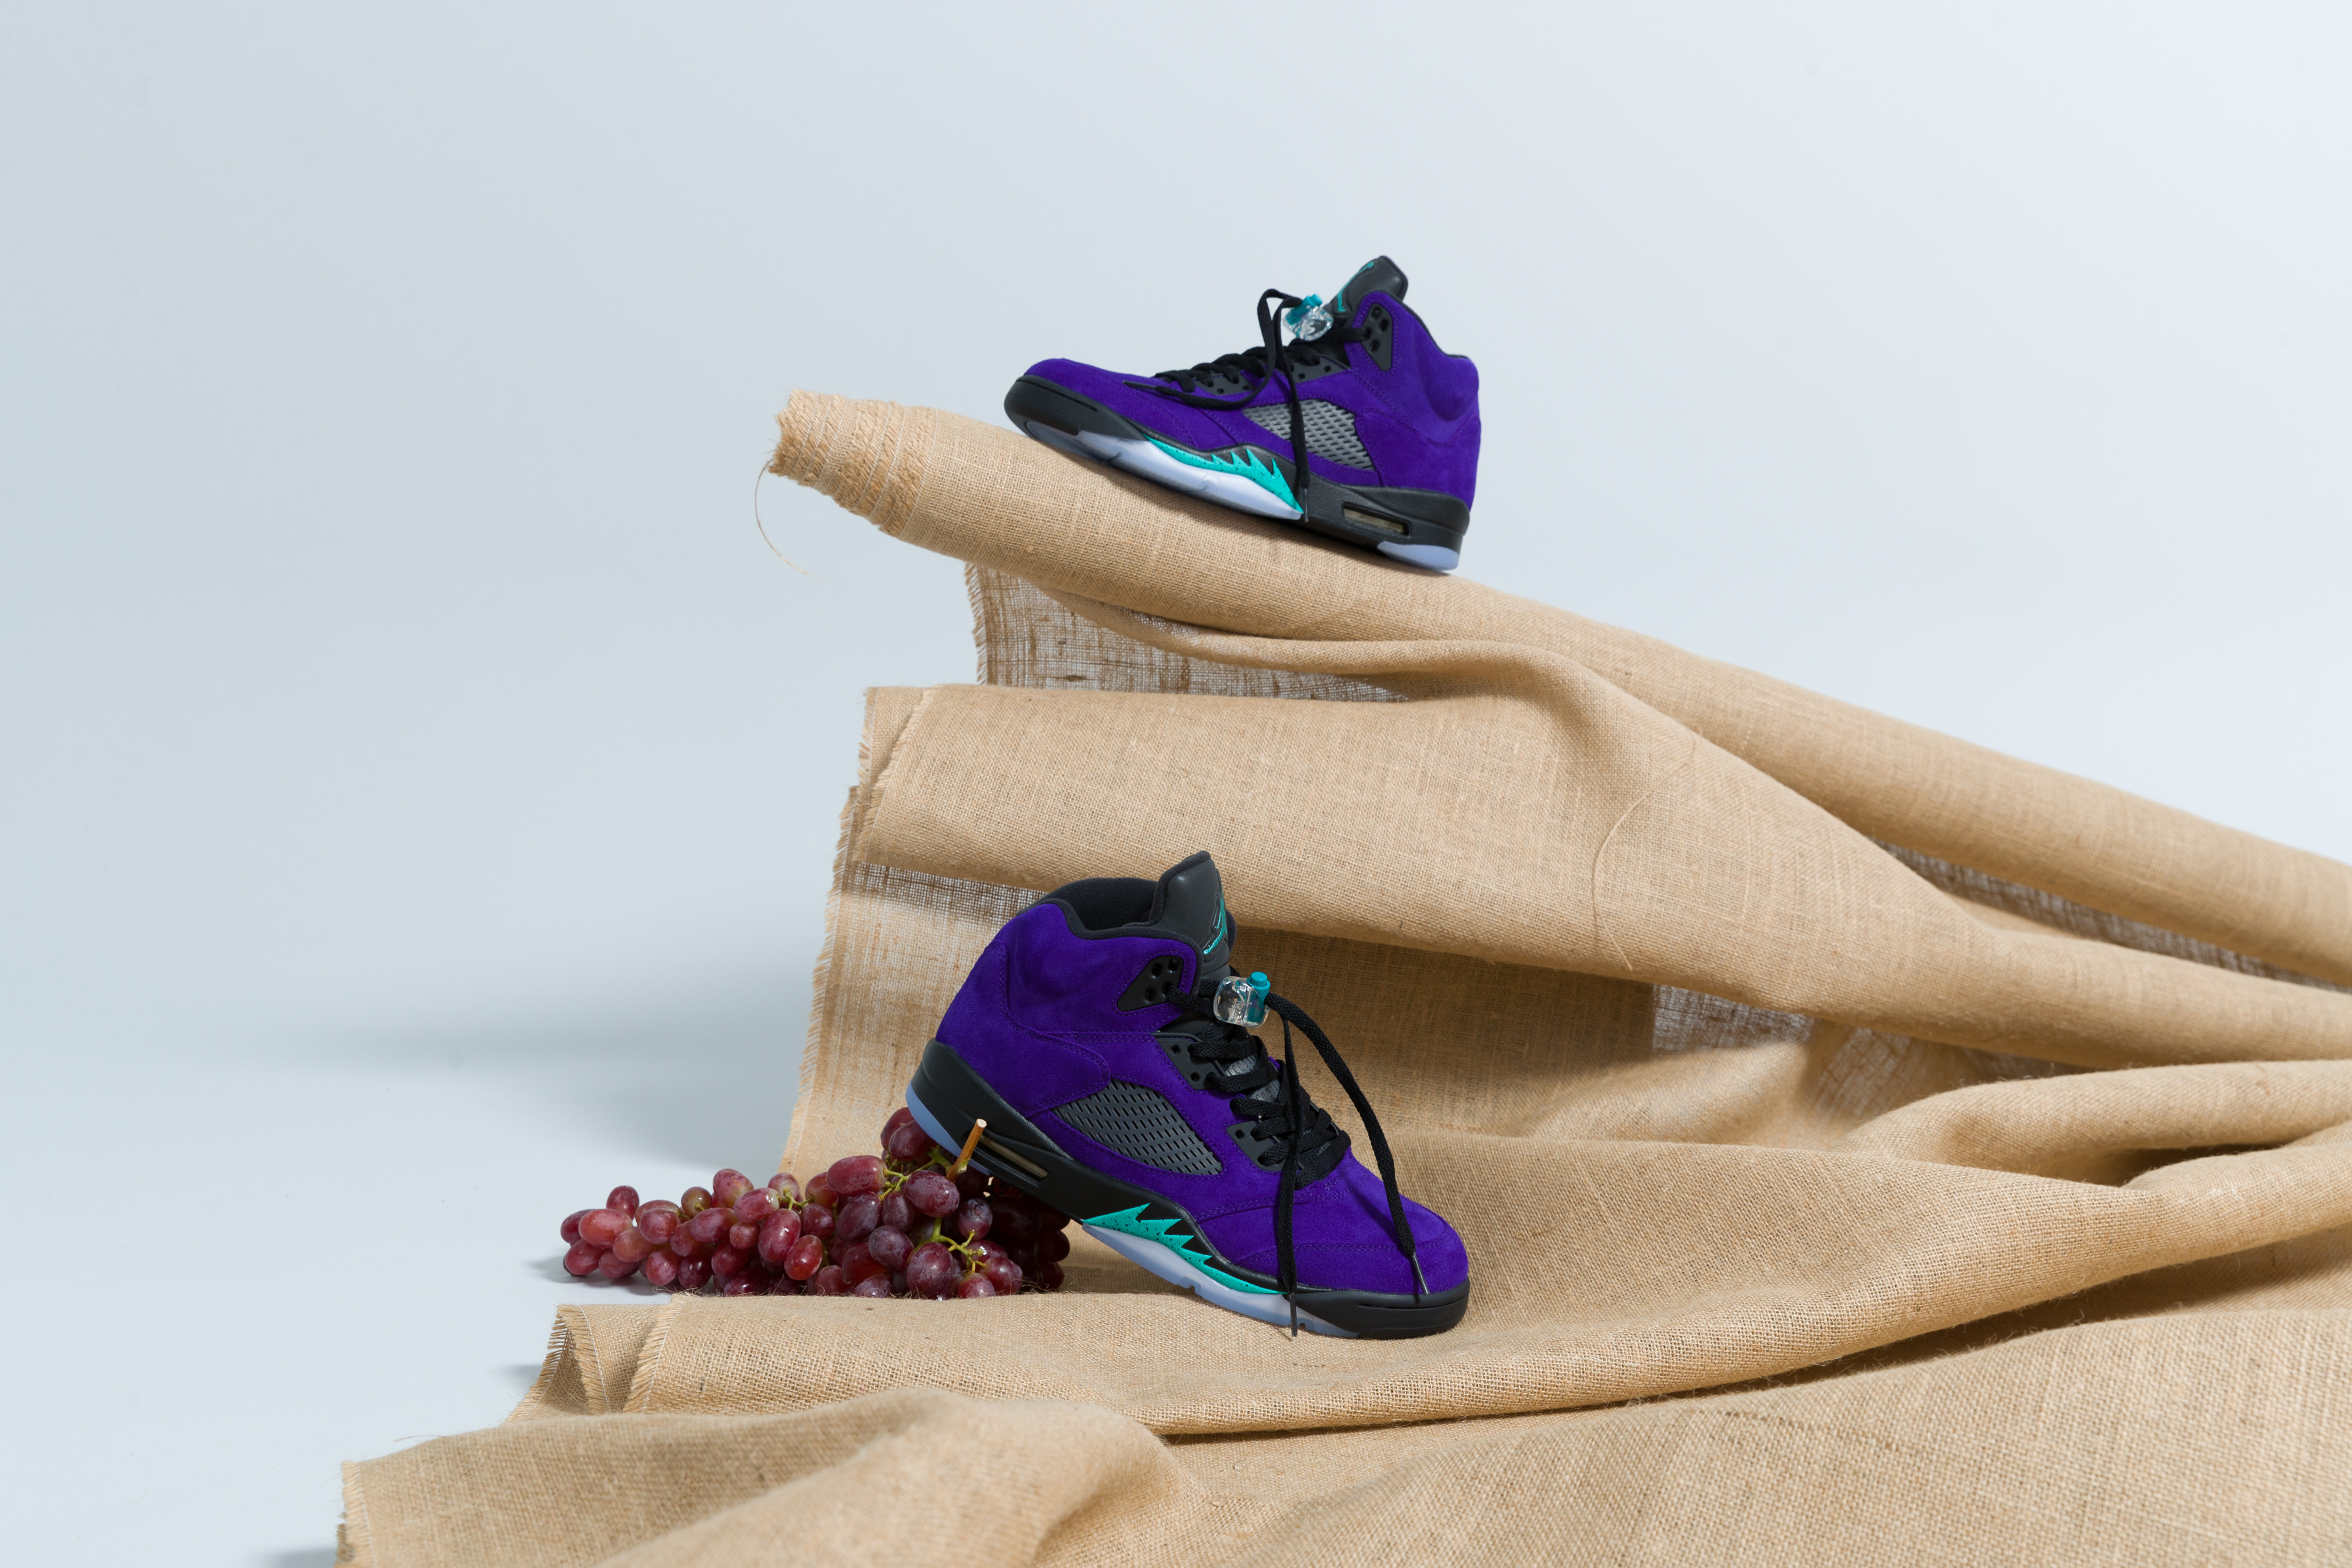 Jordan - Air Jordan 5 Retro - Grape Ice/New Emerald-Black - Up There